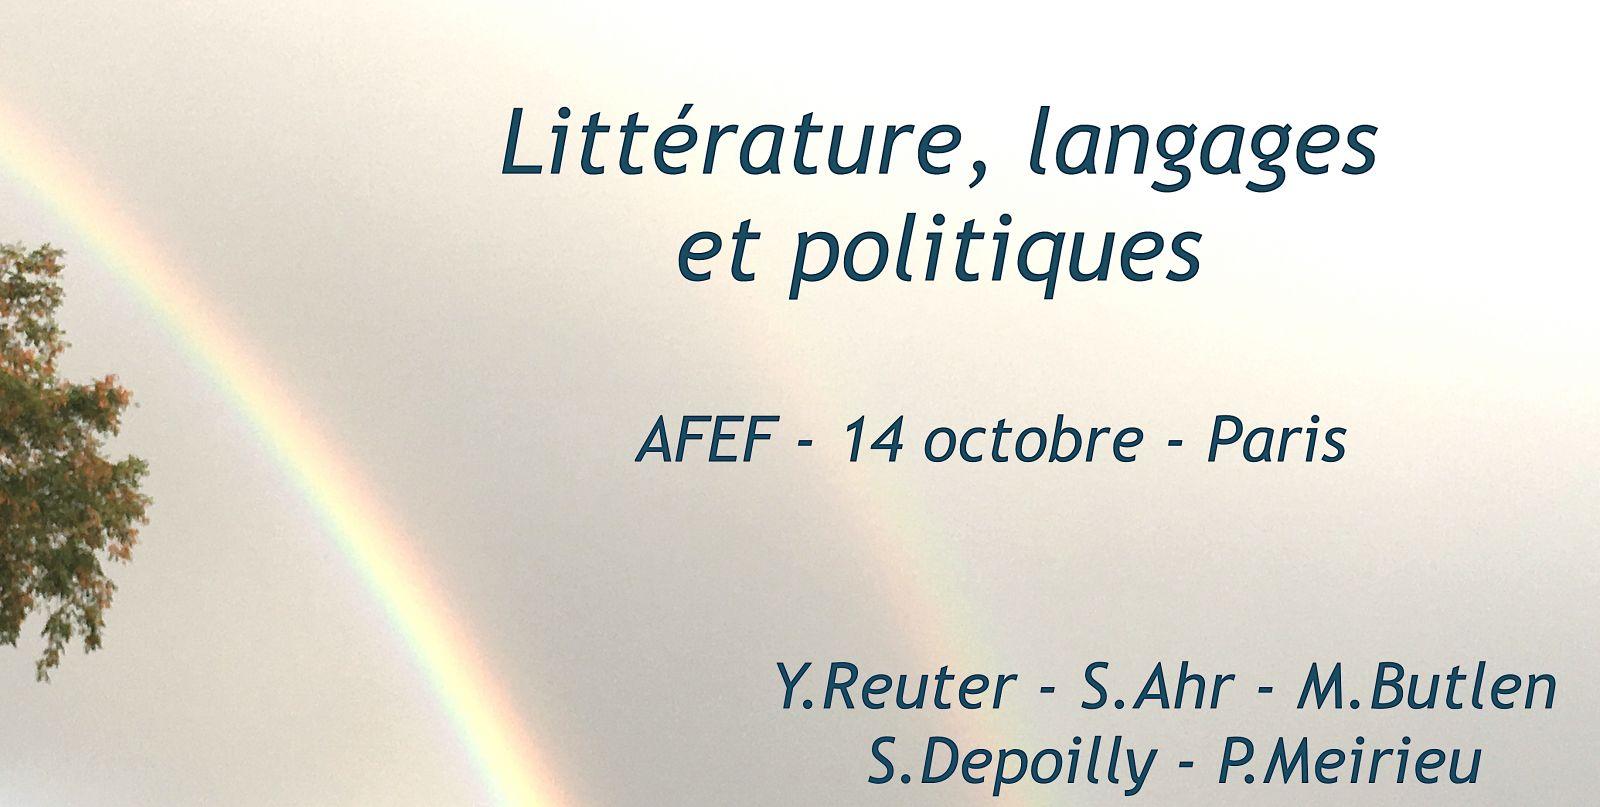 Litt-politique(1).jpg